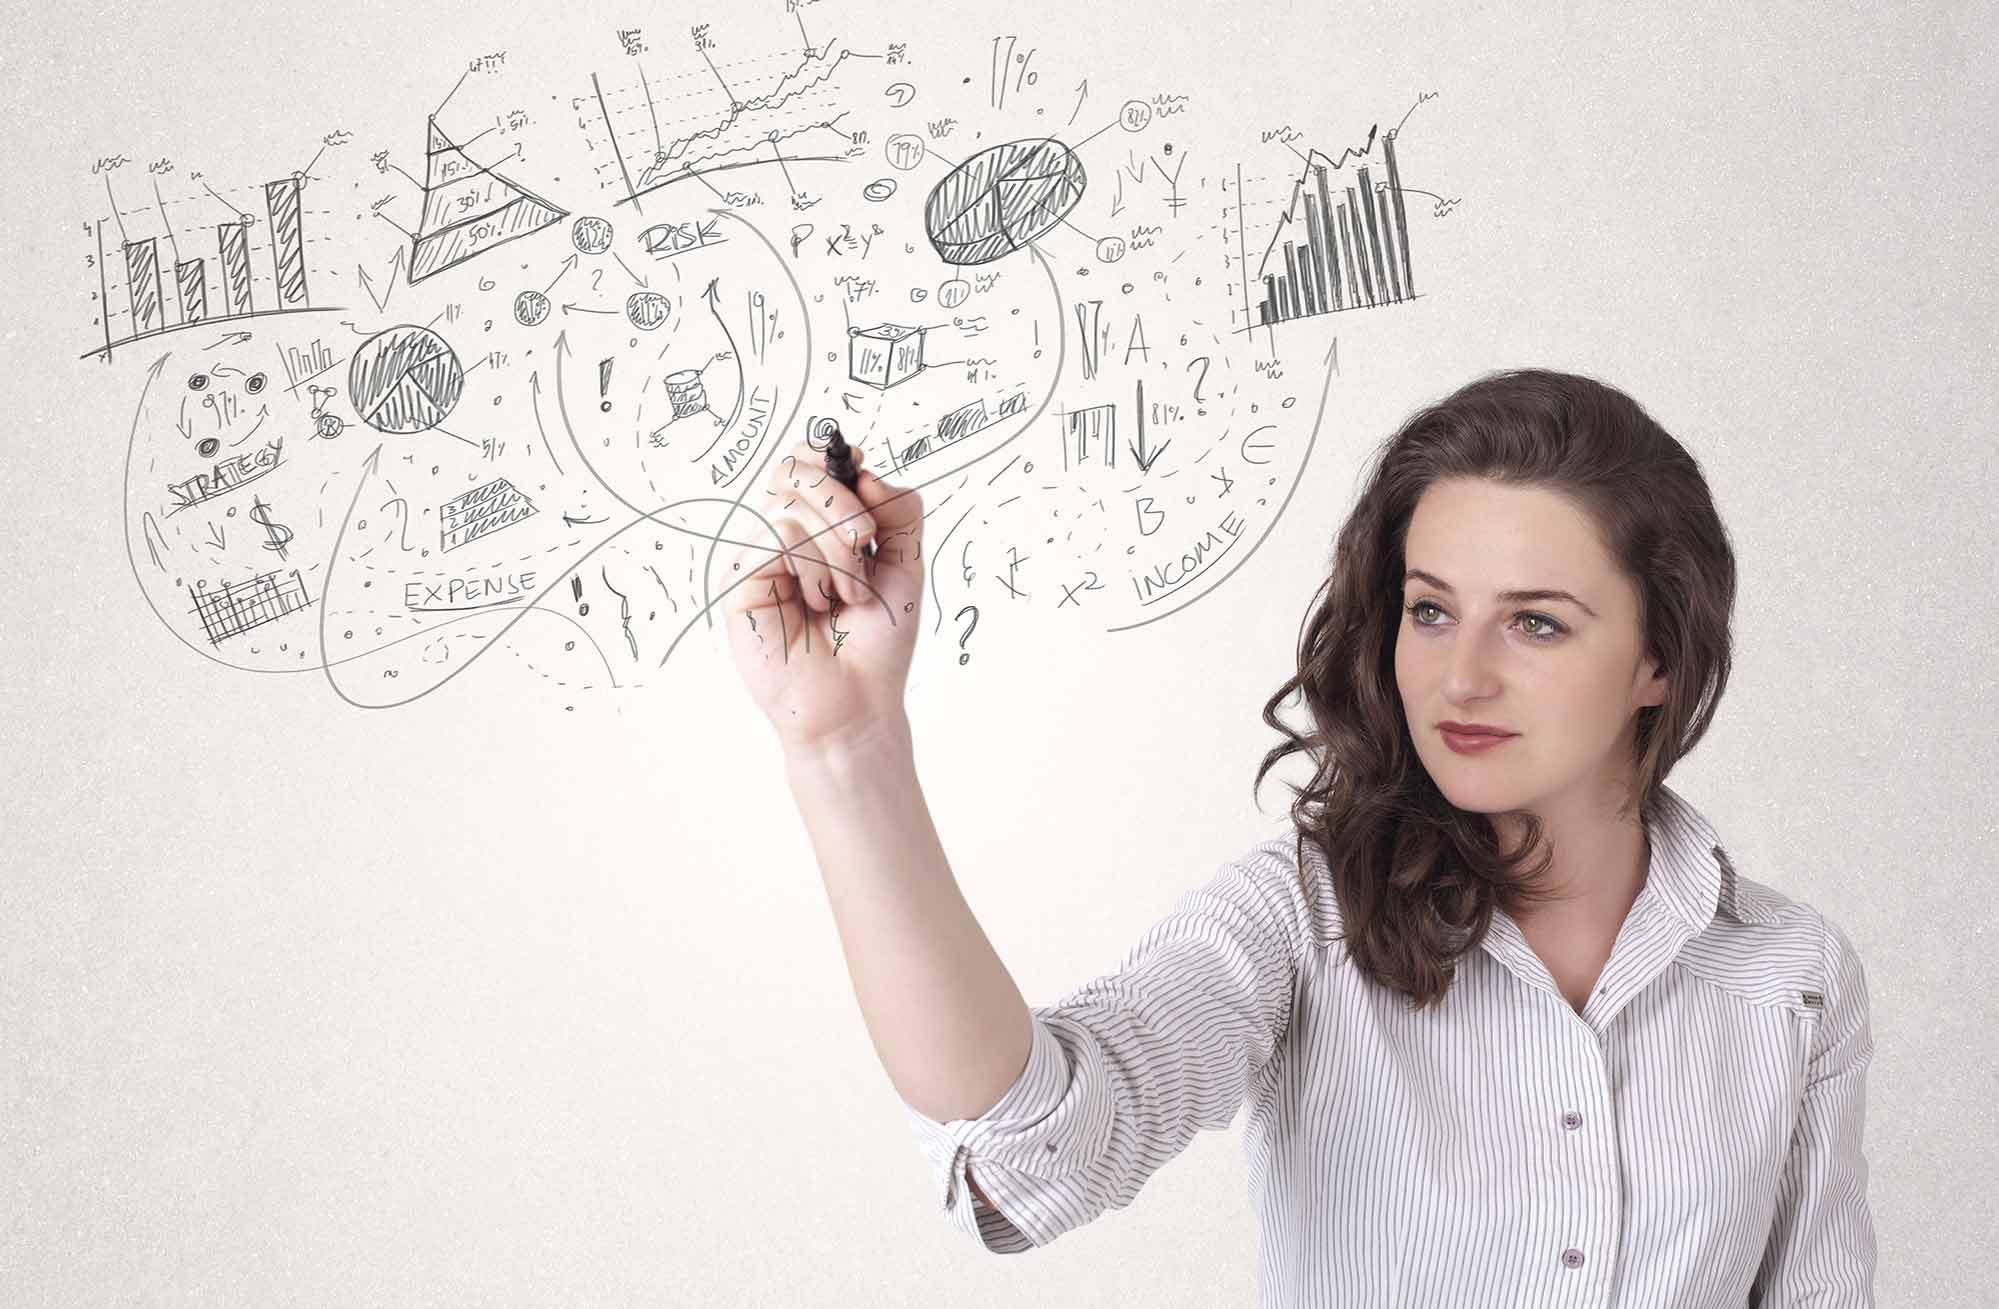 مدیرمحصول کسی است که پیچیدگی های تولید محصول را آنقدر ساده می کند که قابل پیاده سازی باشند.